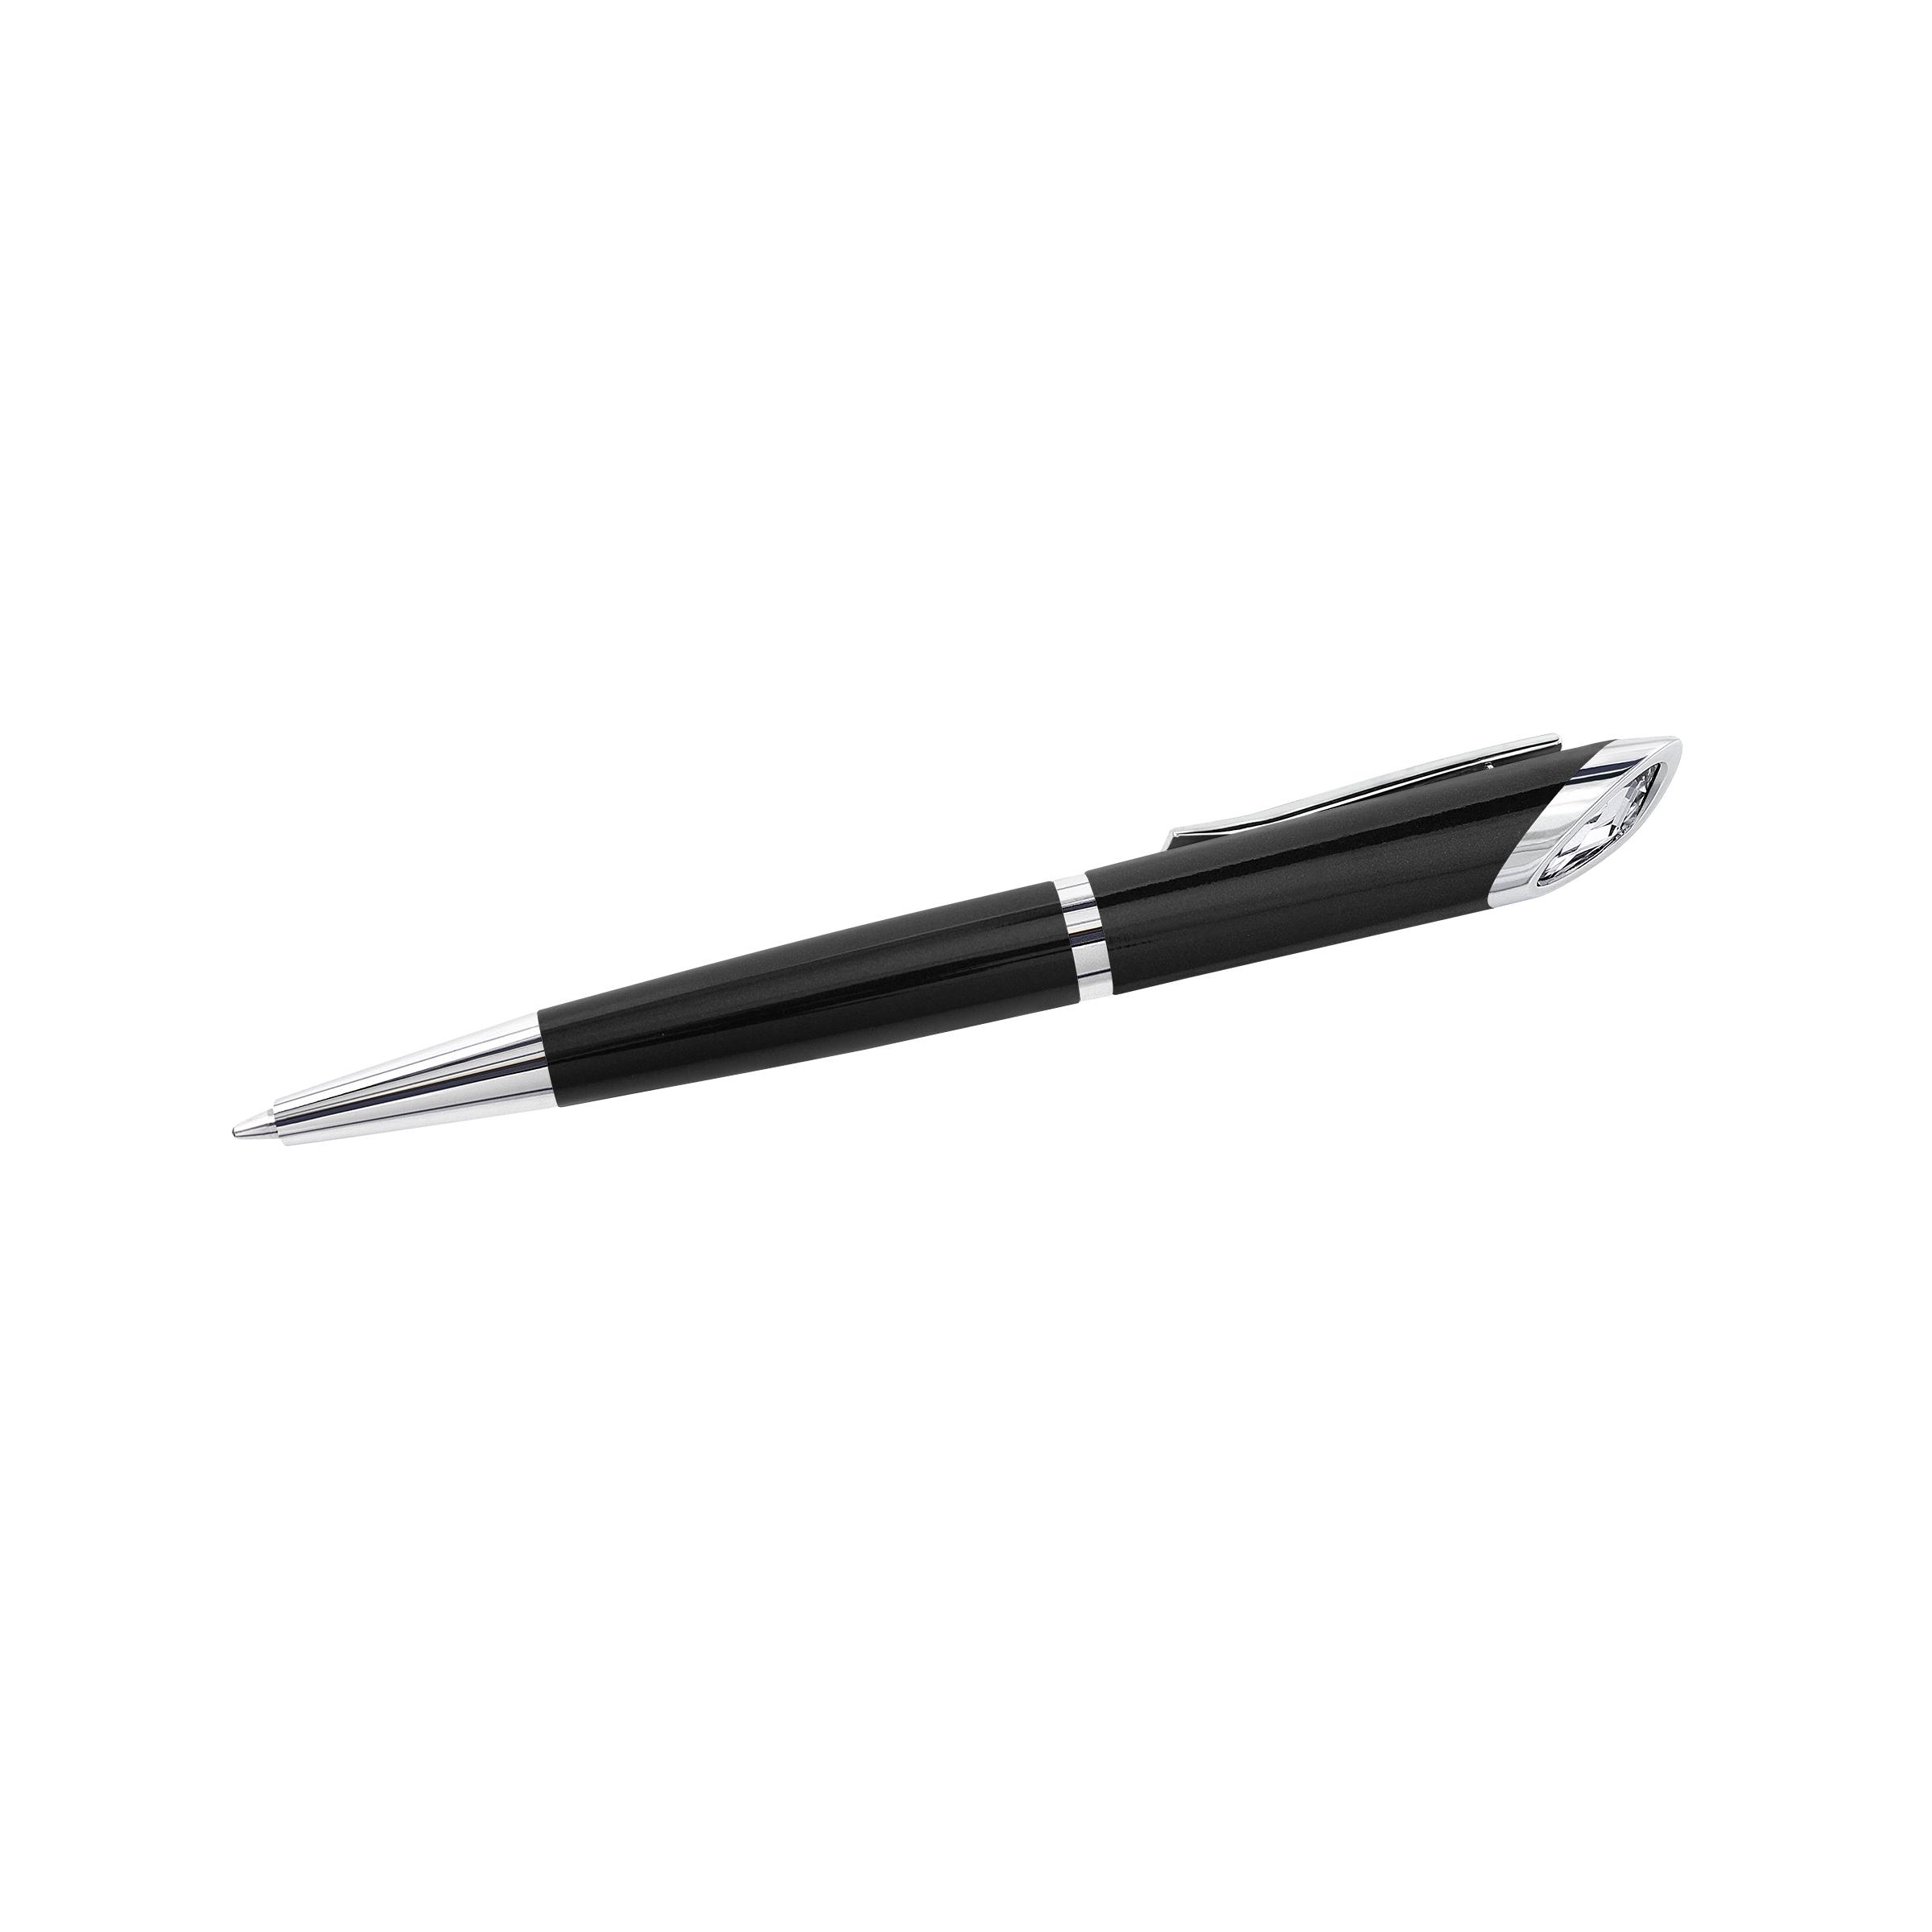 Crystal Starlight Agenda Ballpoint Pen, Black